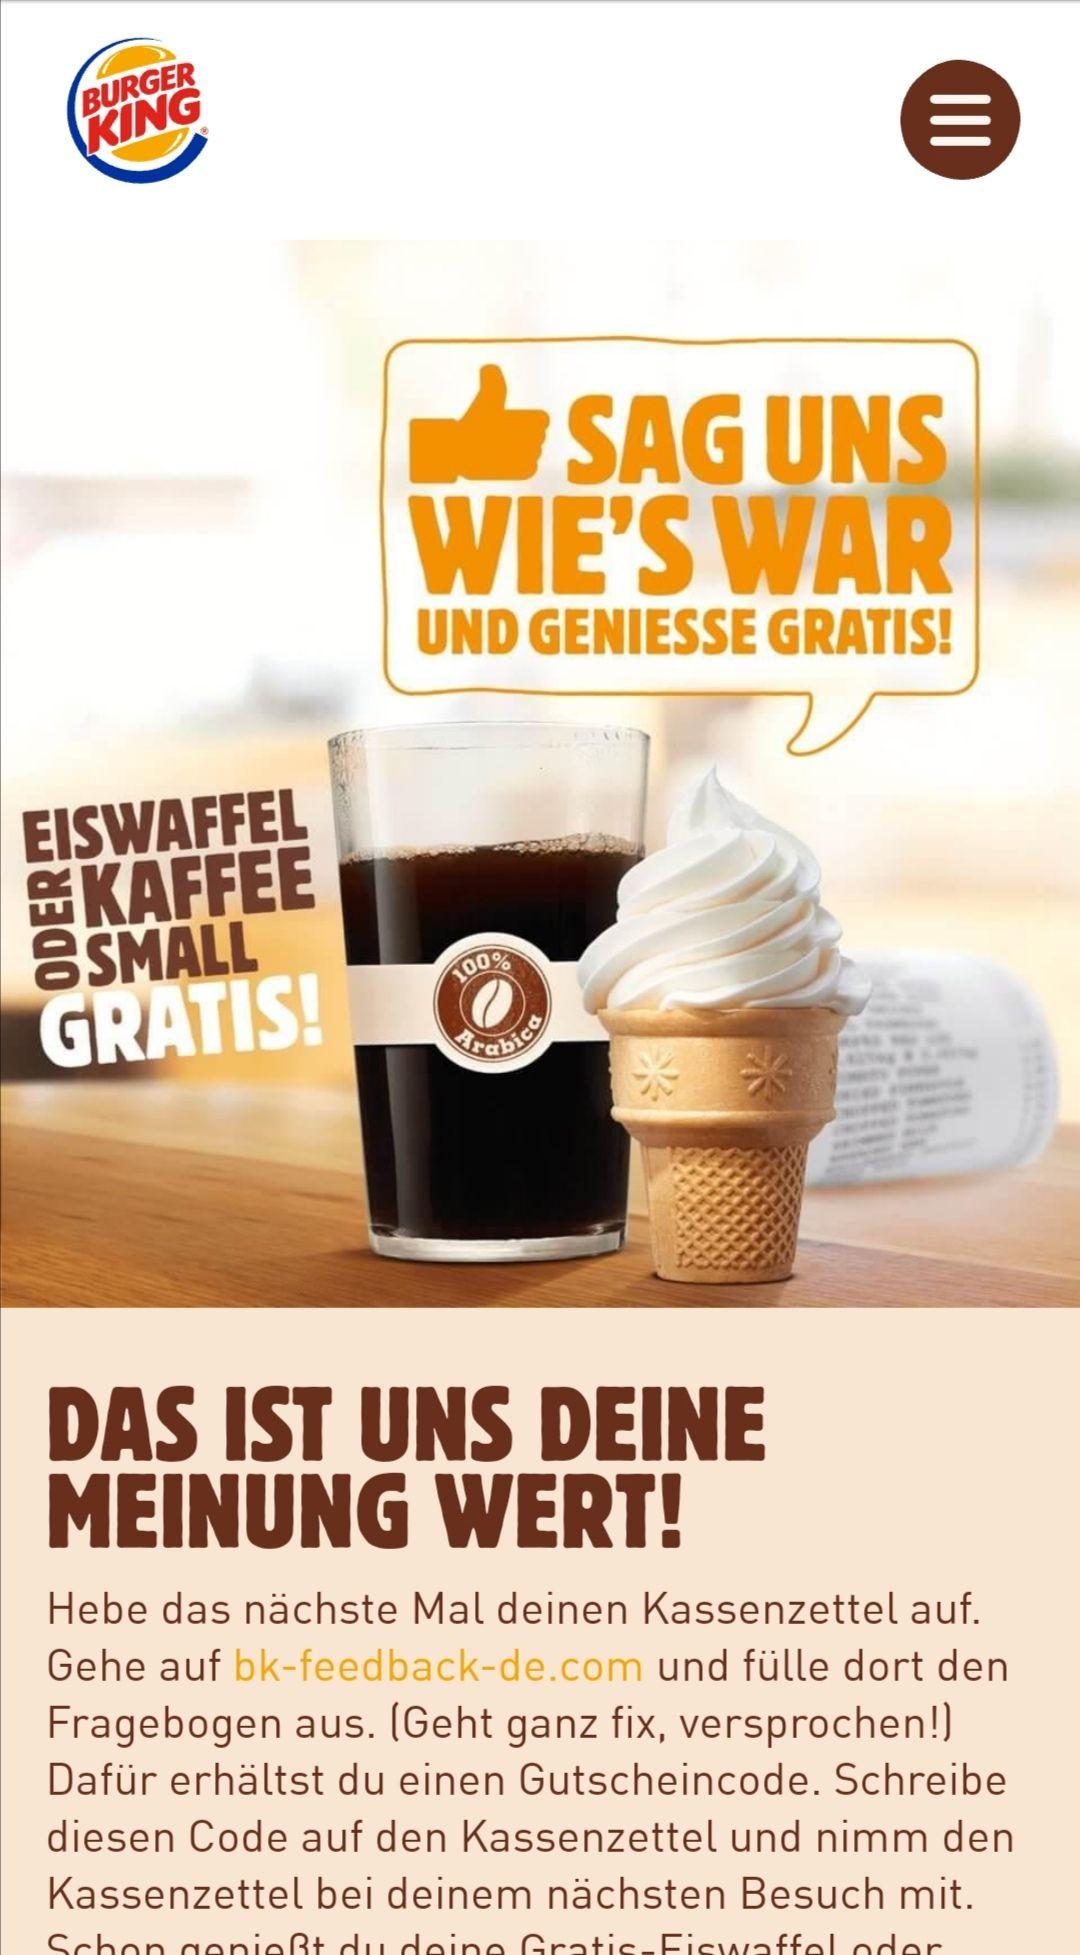 Gratis Eis oder Kaffee bei Burger King durch Kassenbon